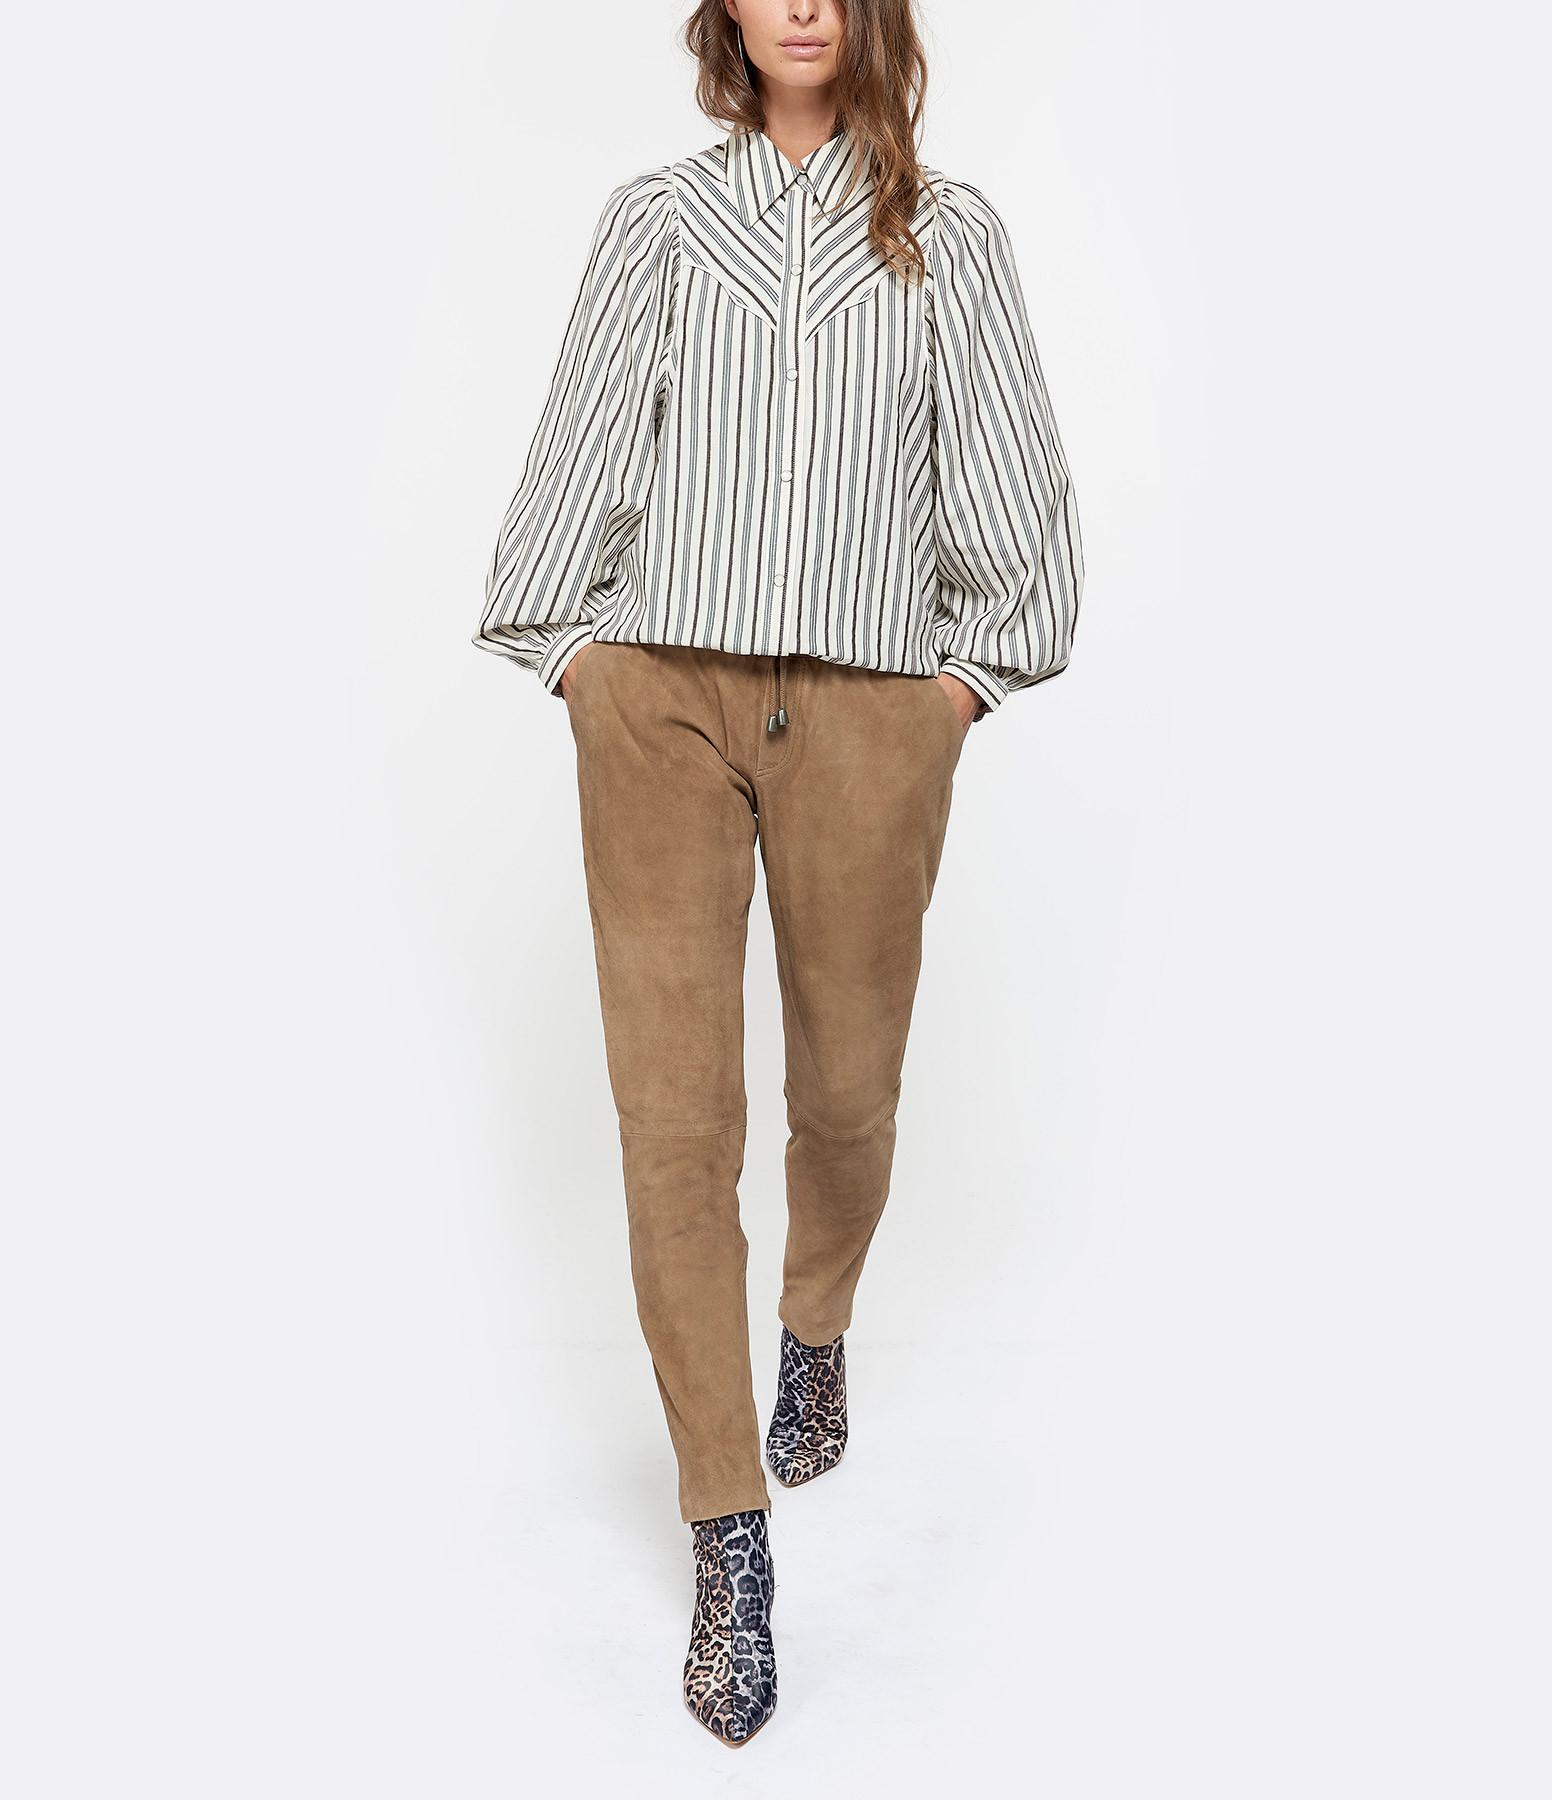 MUUBAA - Pantalon Amelia Cuir Suédé Marron